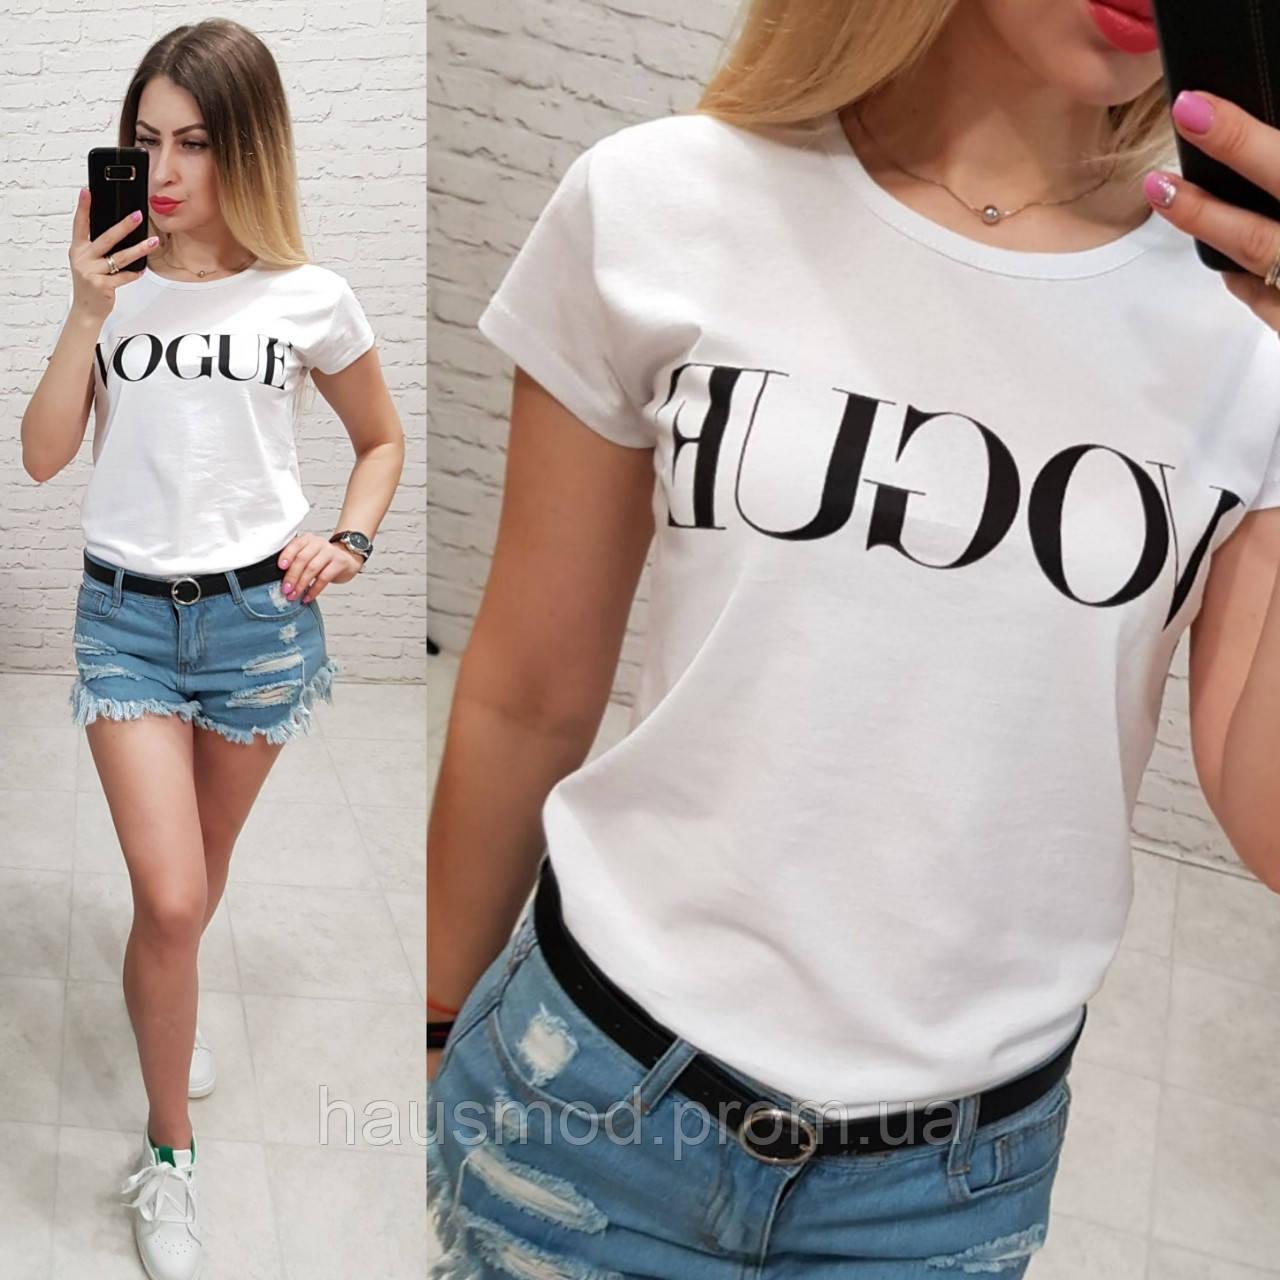 Женская футболка летняя качество реплика копия Vogue турция 100% катон цвет белый